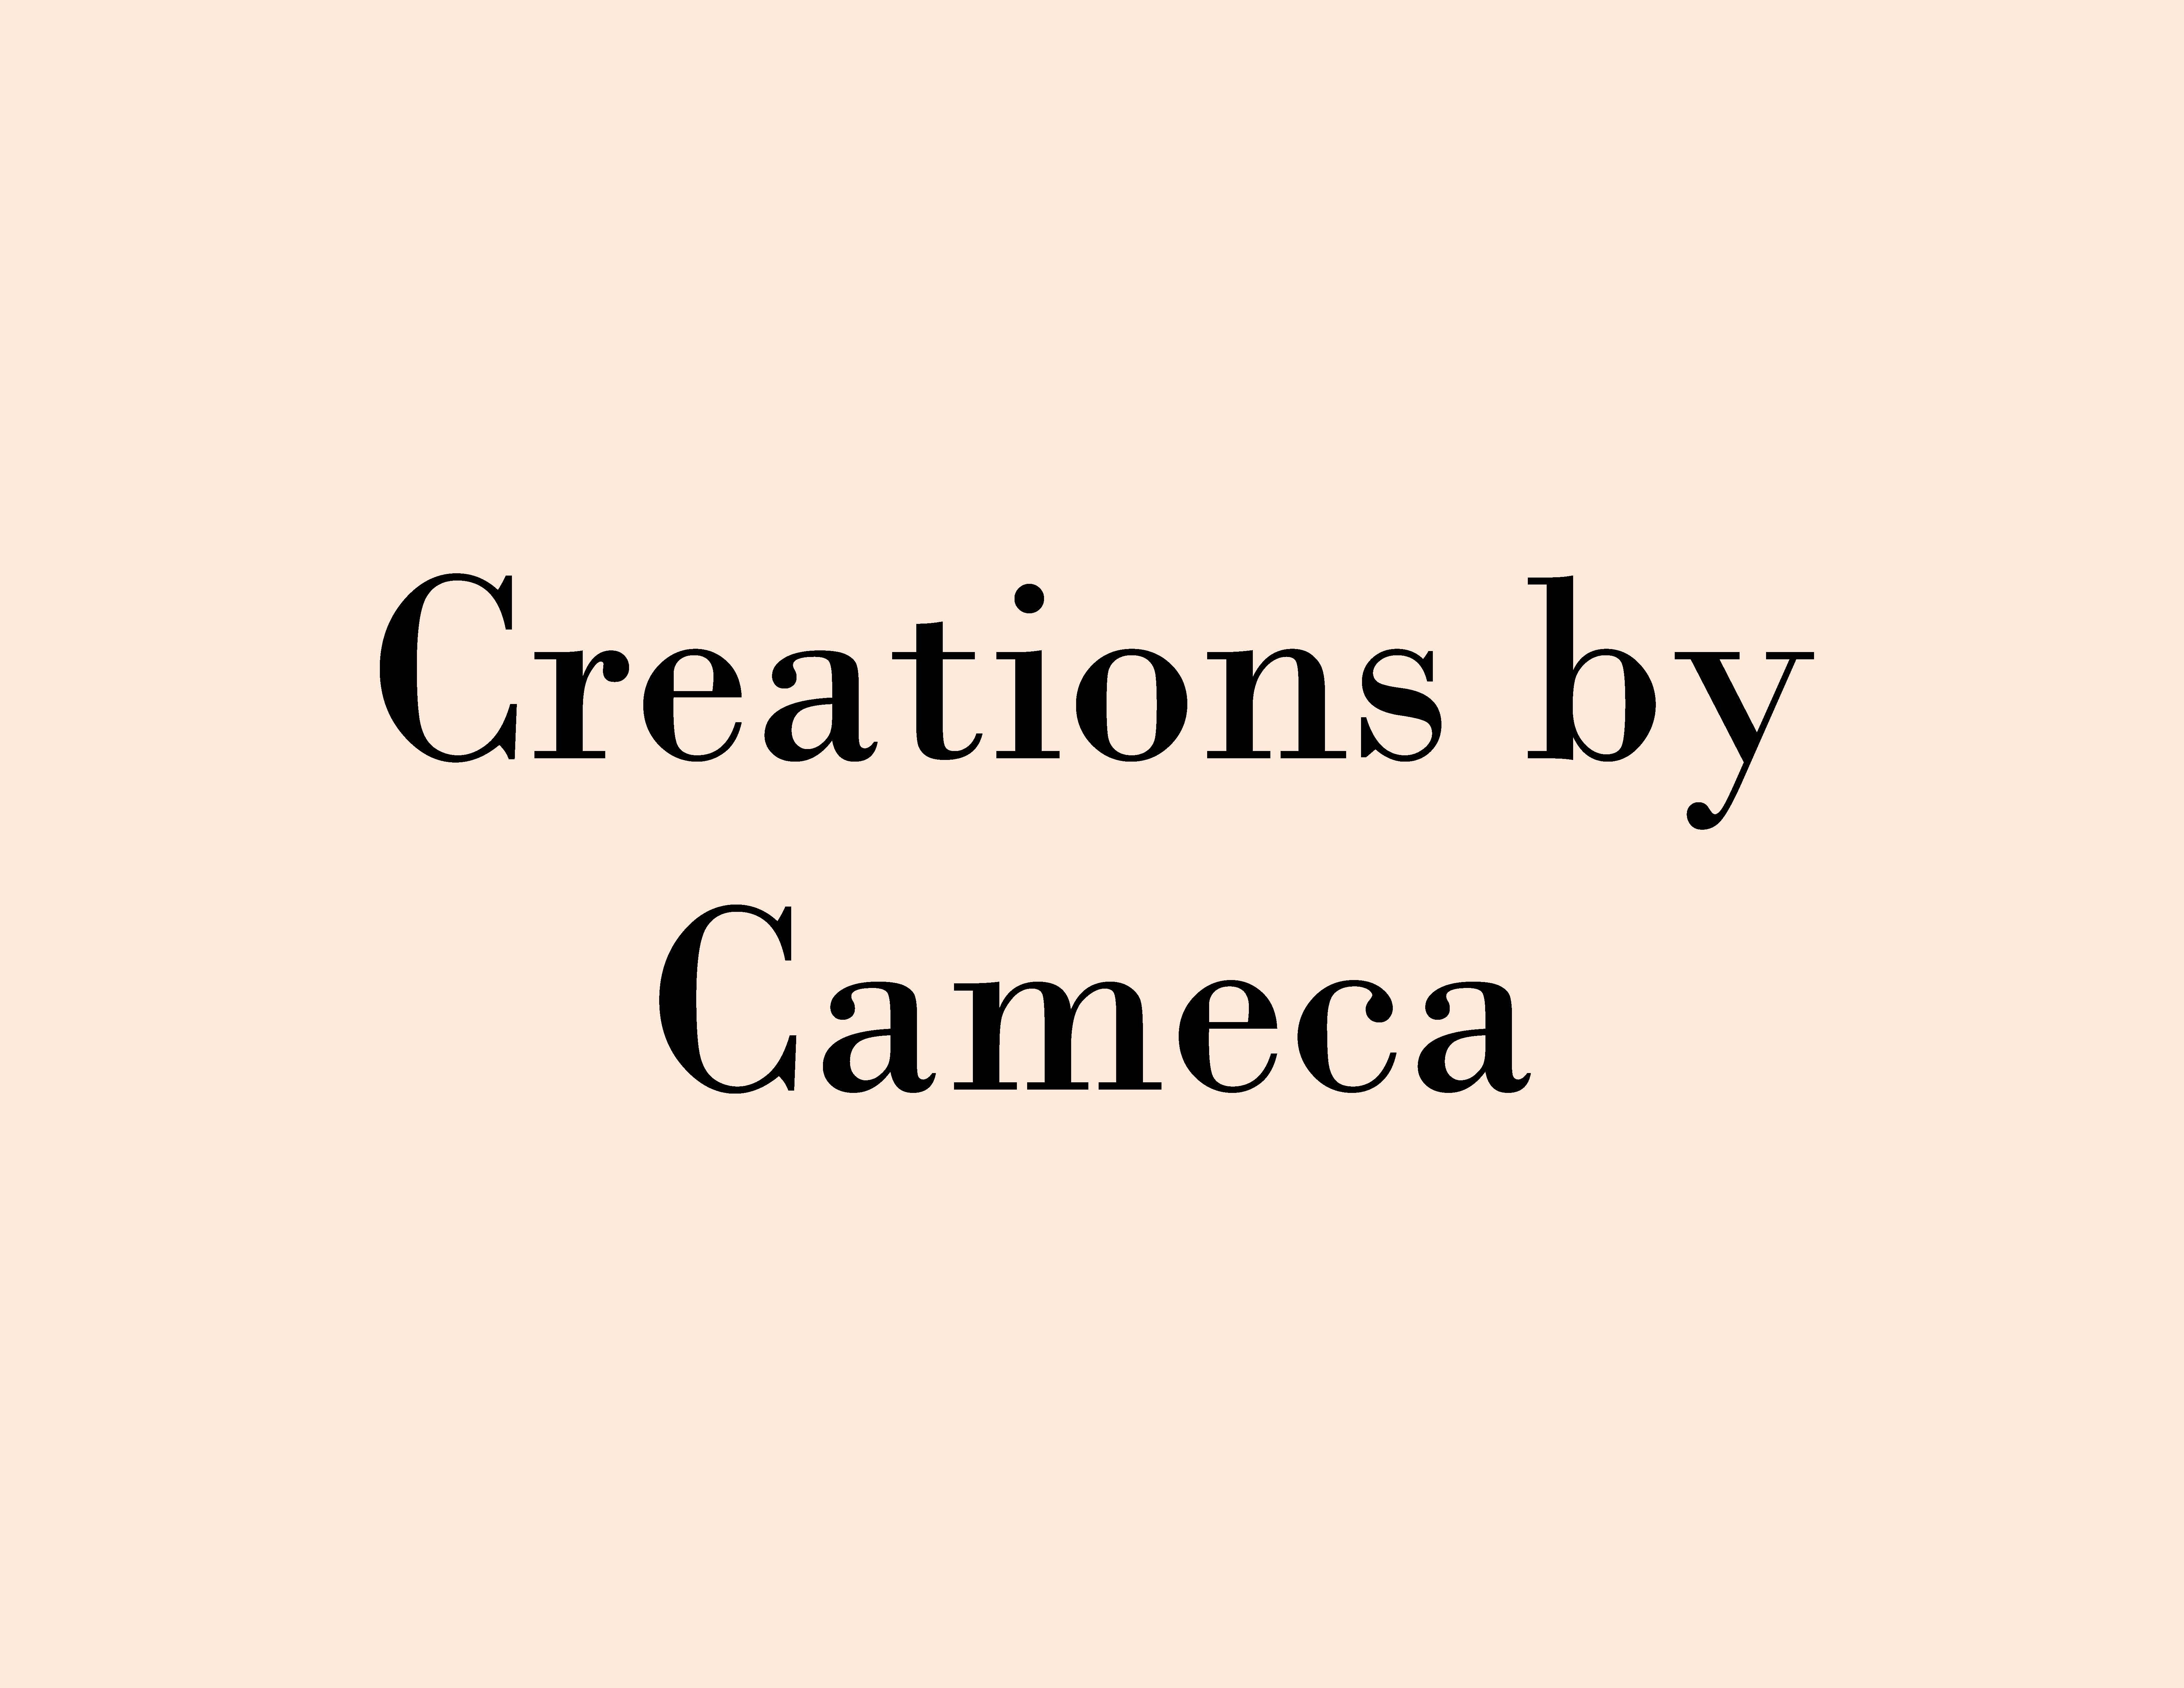 Cameca